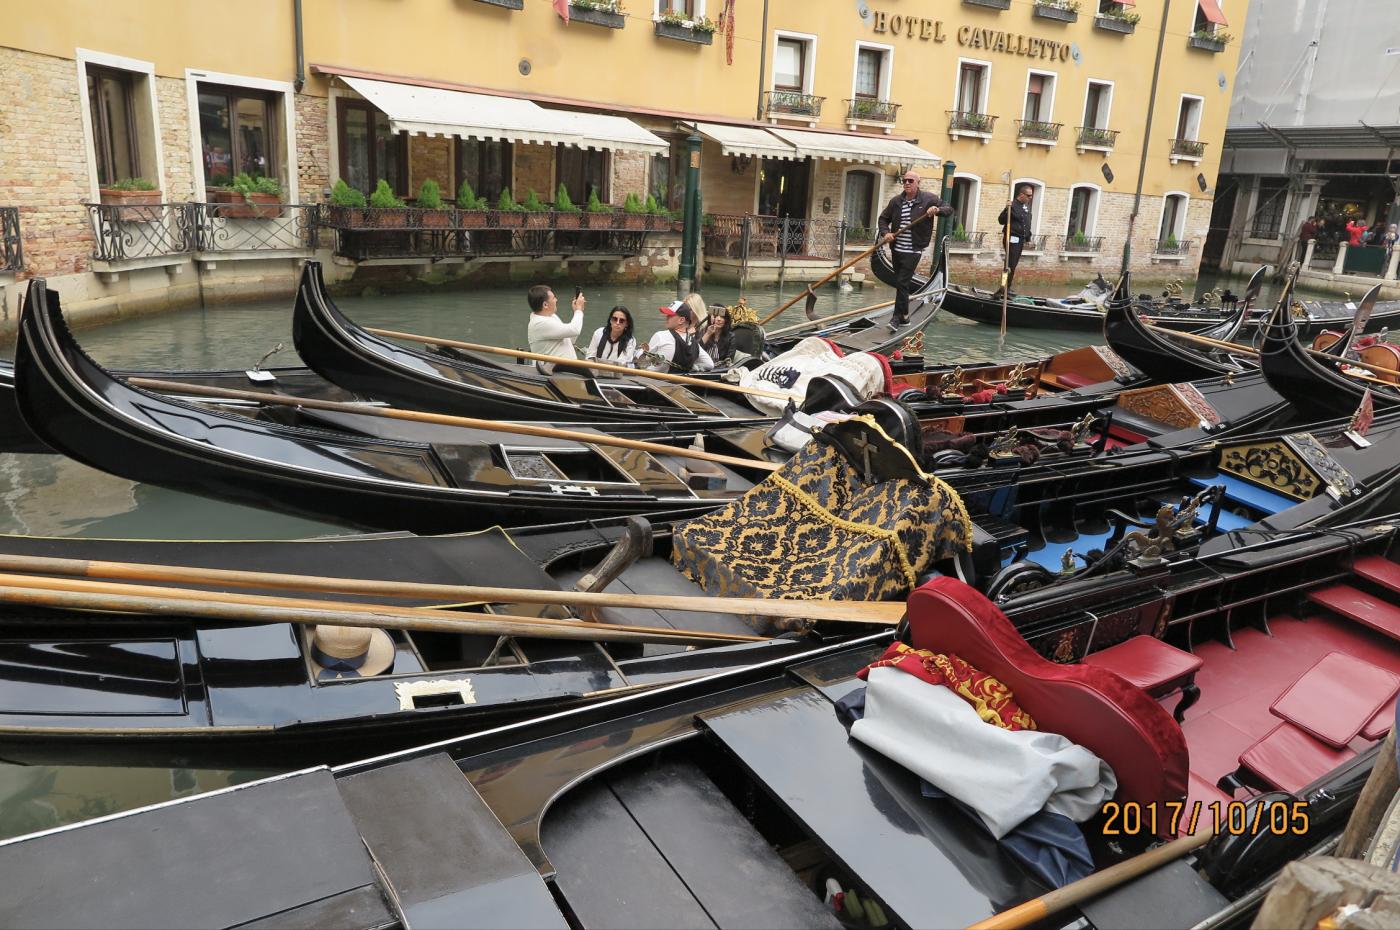 水乡威尼斯:无限的魅力永久的回忆_图1-32